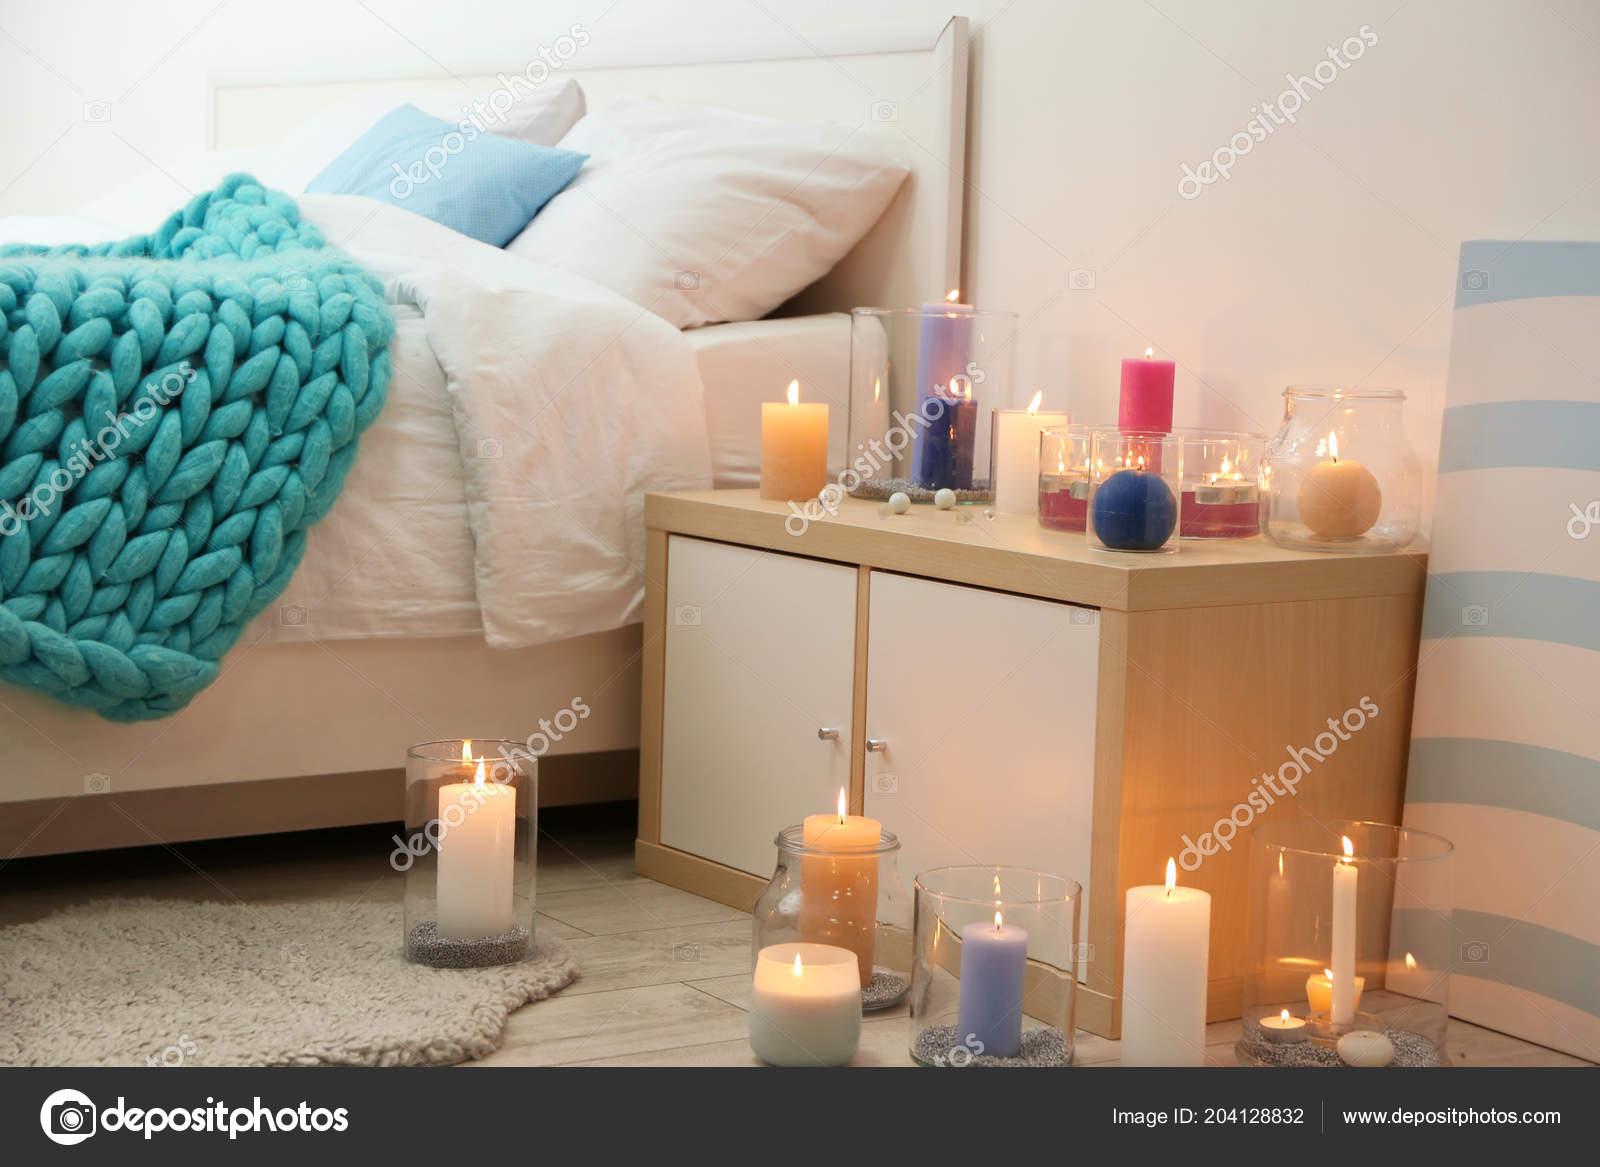 Candele Camera Da Letto : Accogliente camera letto decorata con candele accese u foto stock